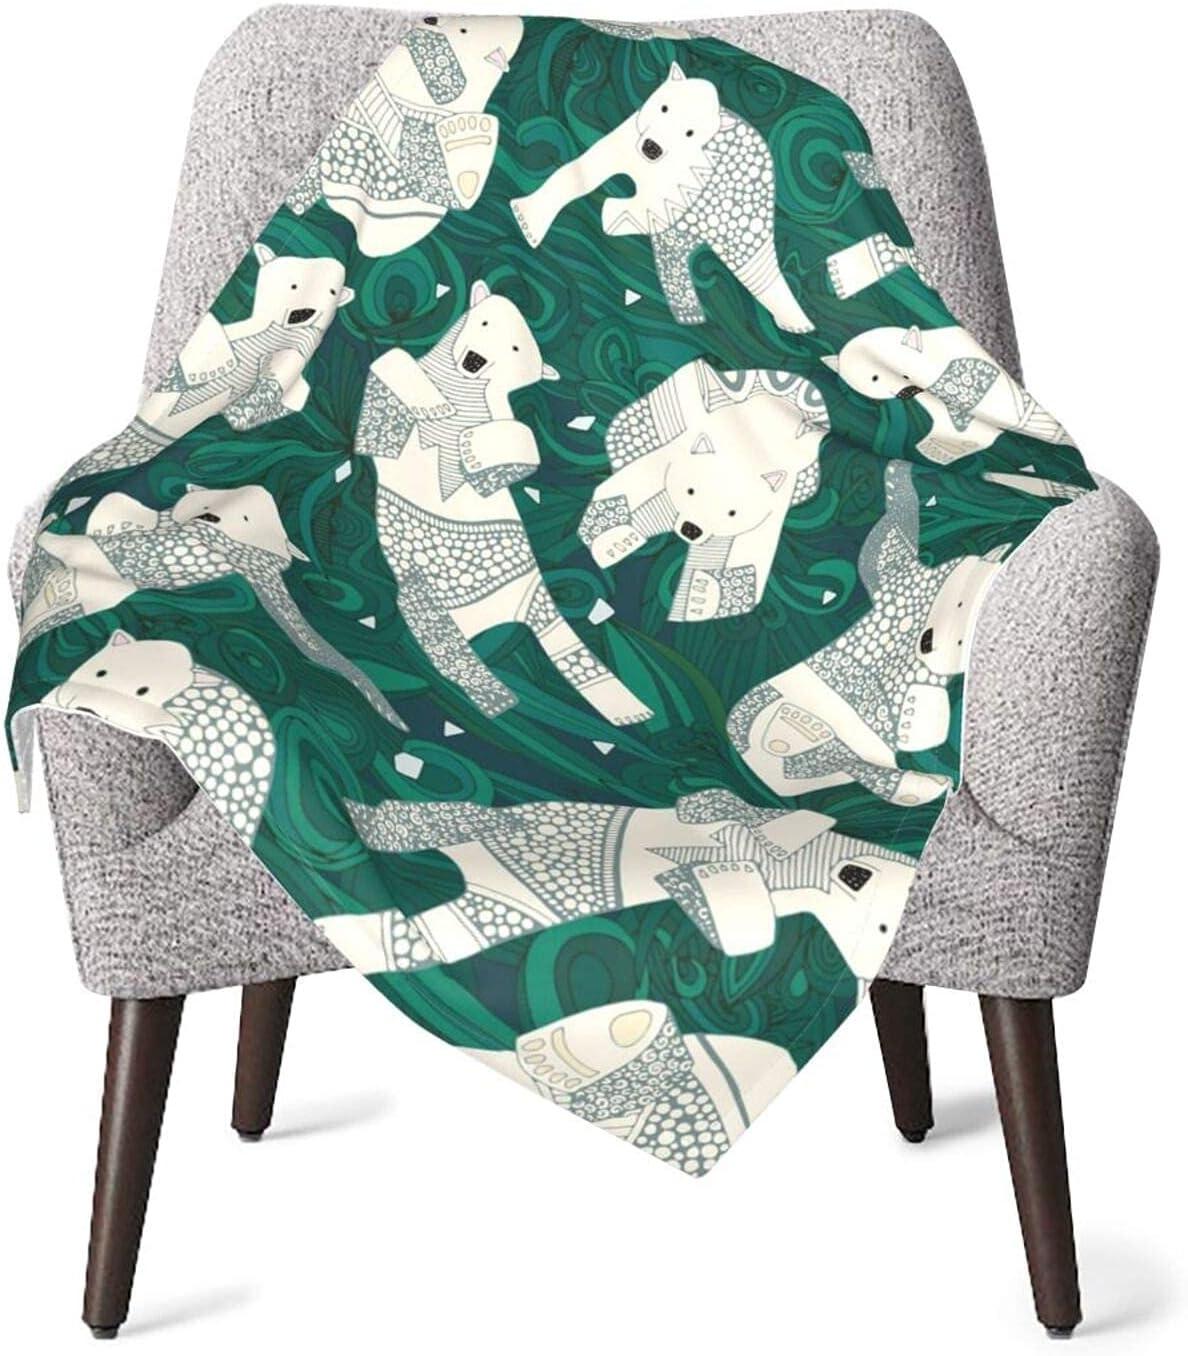 Manta de Tiro Osos Polares Póster Verde Manta de bebé Manta de Felpa Suave Manta de recepción Manta de recepción 76 X 102 CM